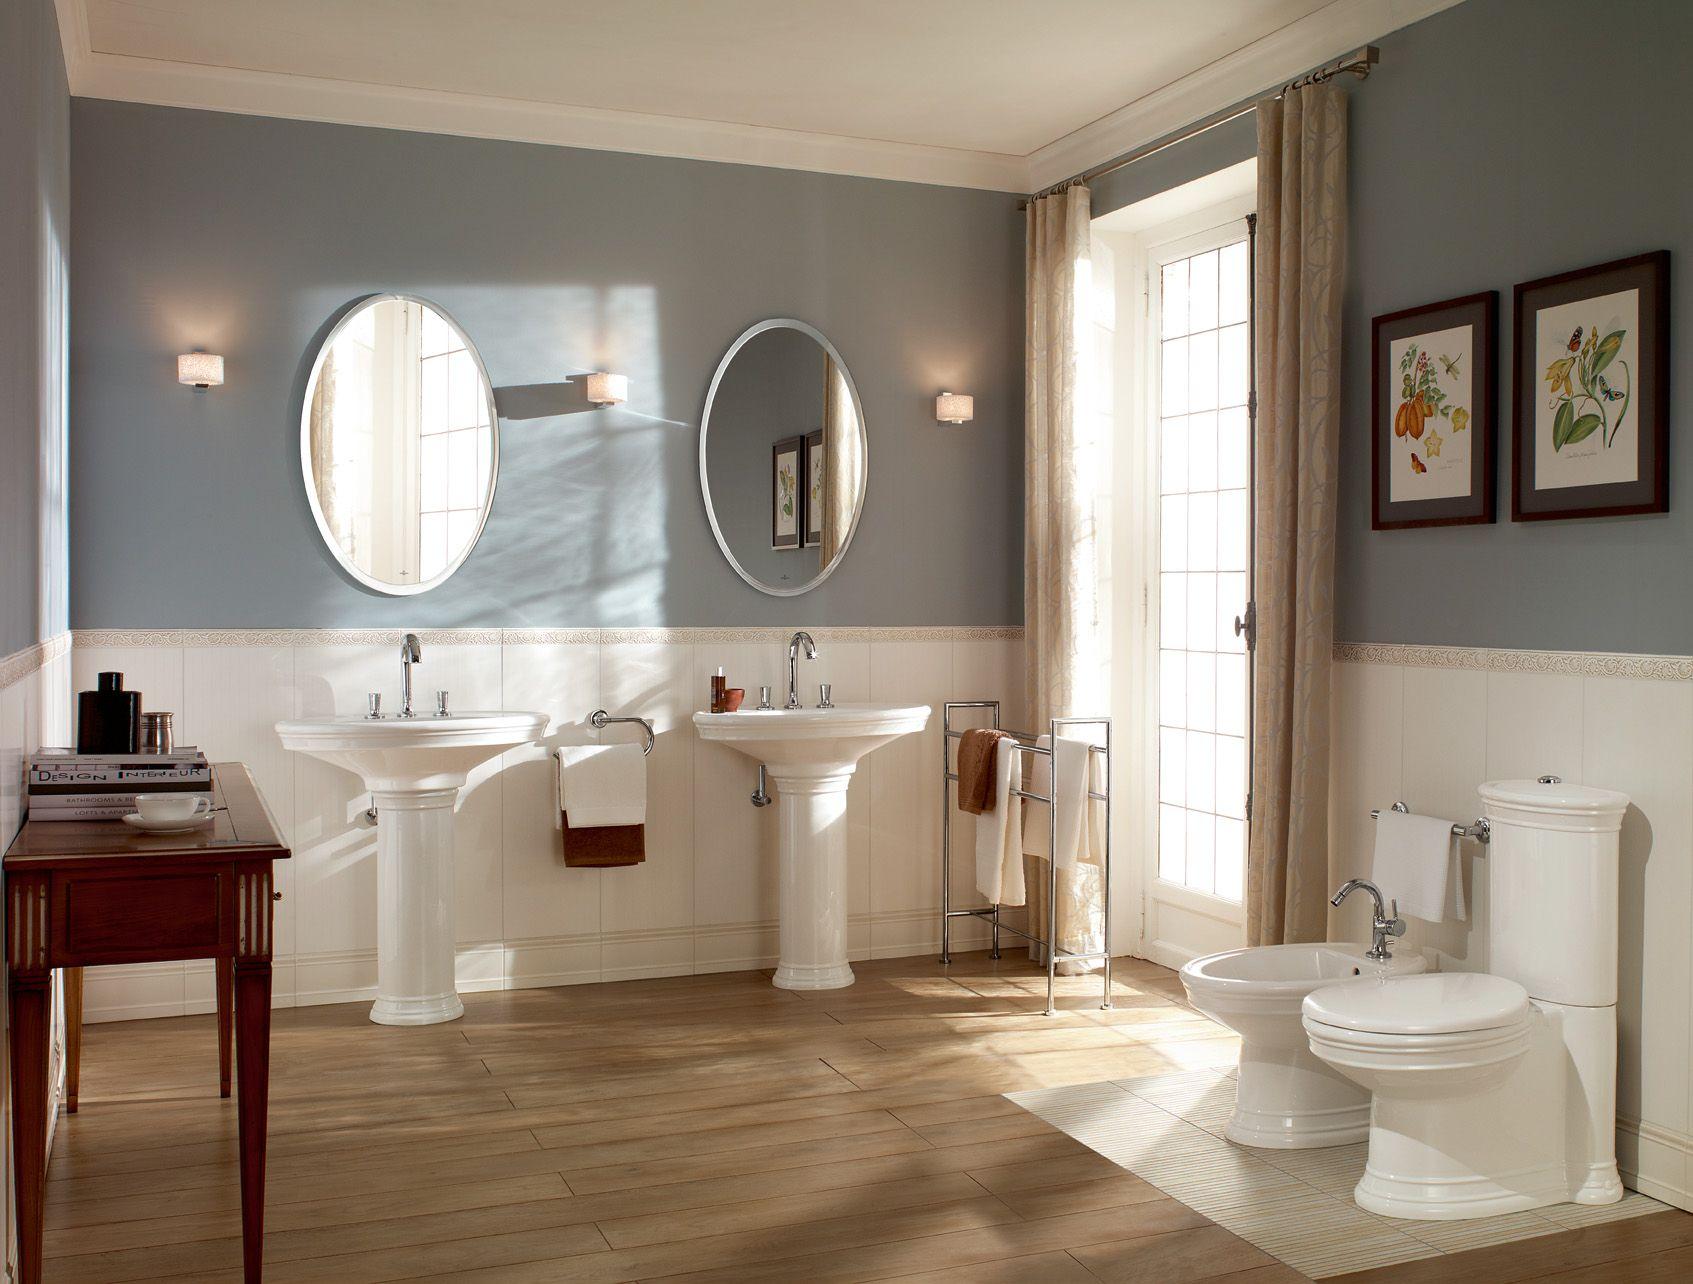 Klassieke badkamer | Klassieke badkamers | Pinterest | Searching